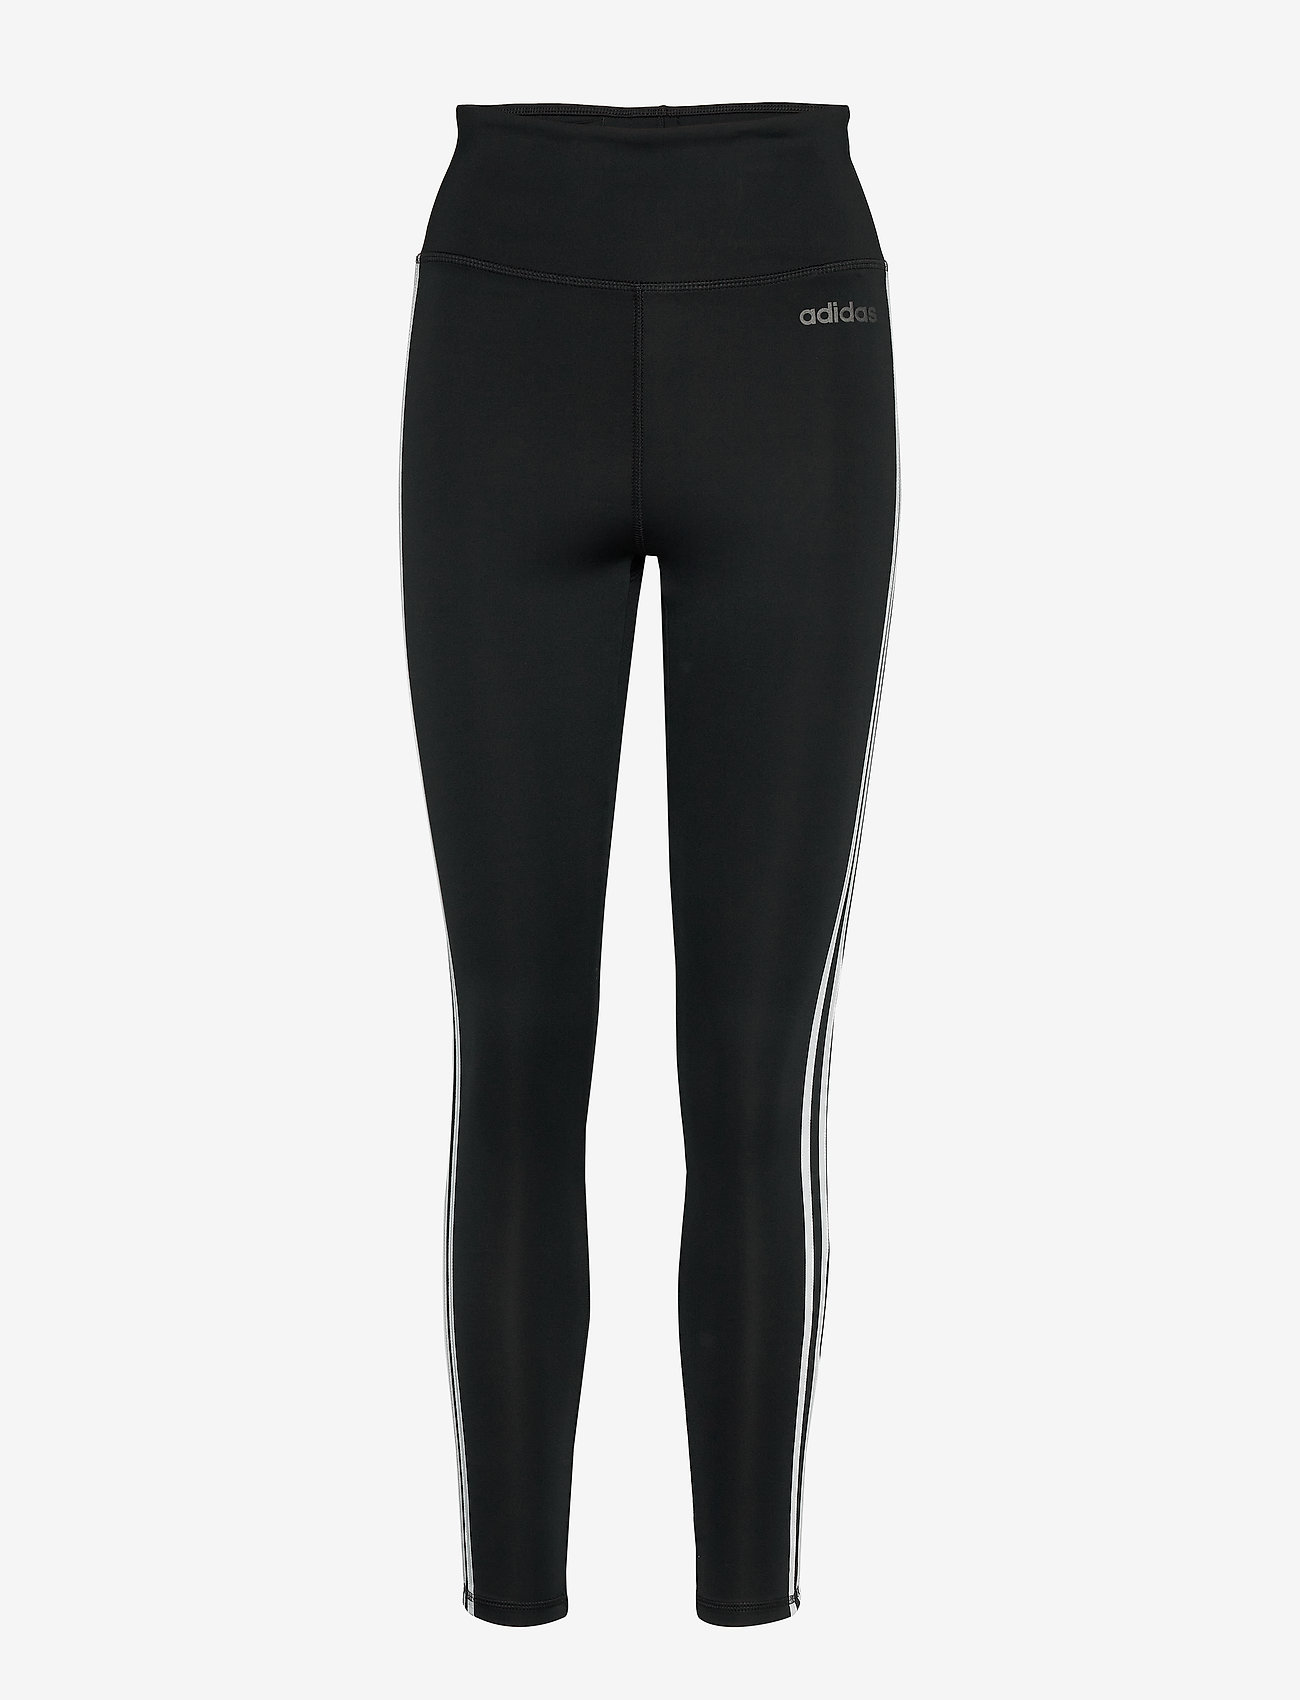 adidas Performance - W D2M 3S HR LT - leggings - black/white - 1